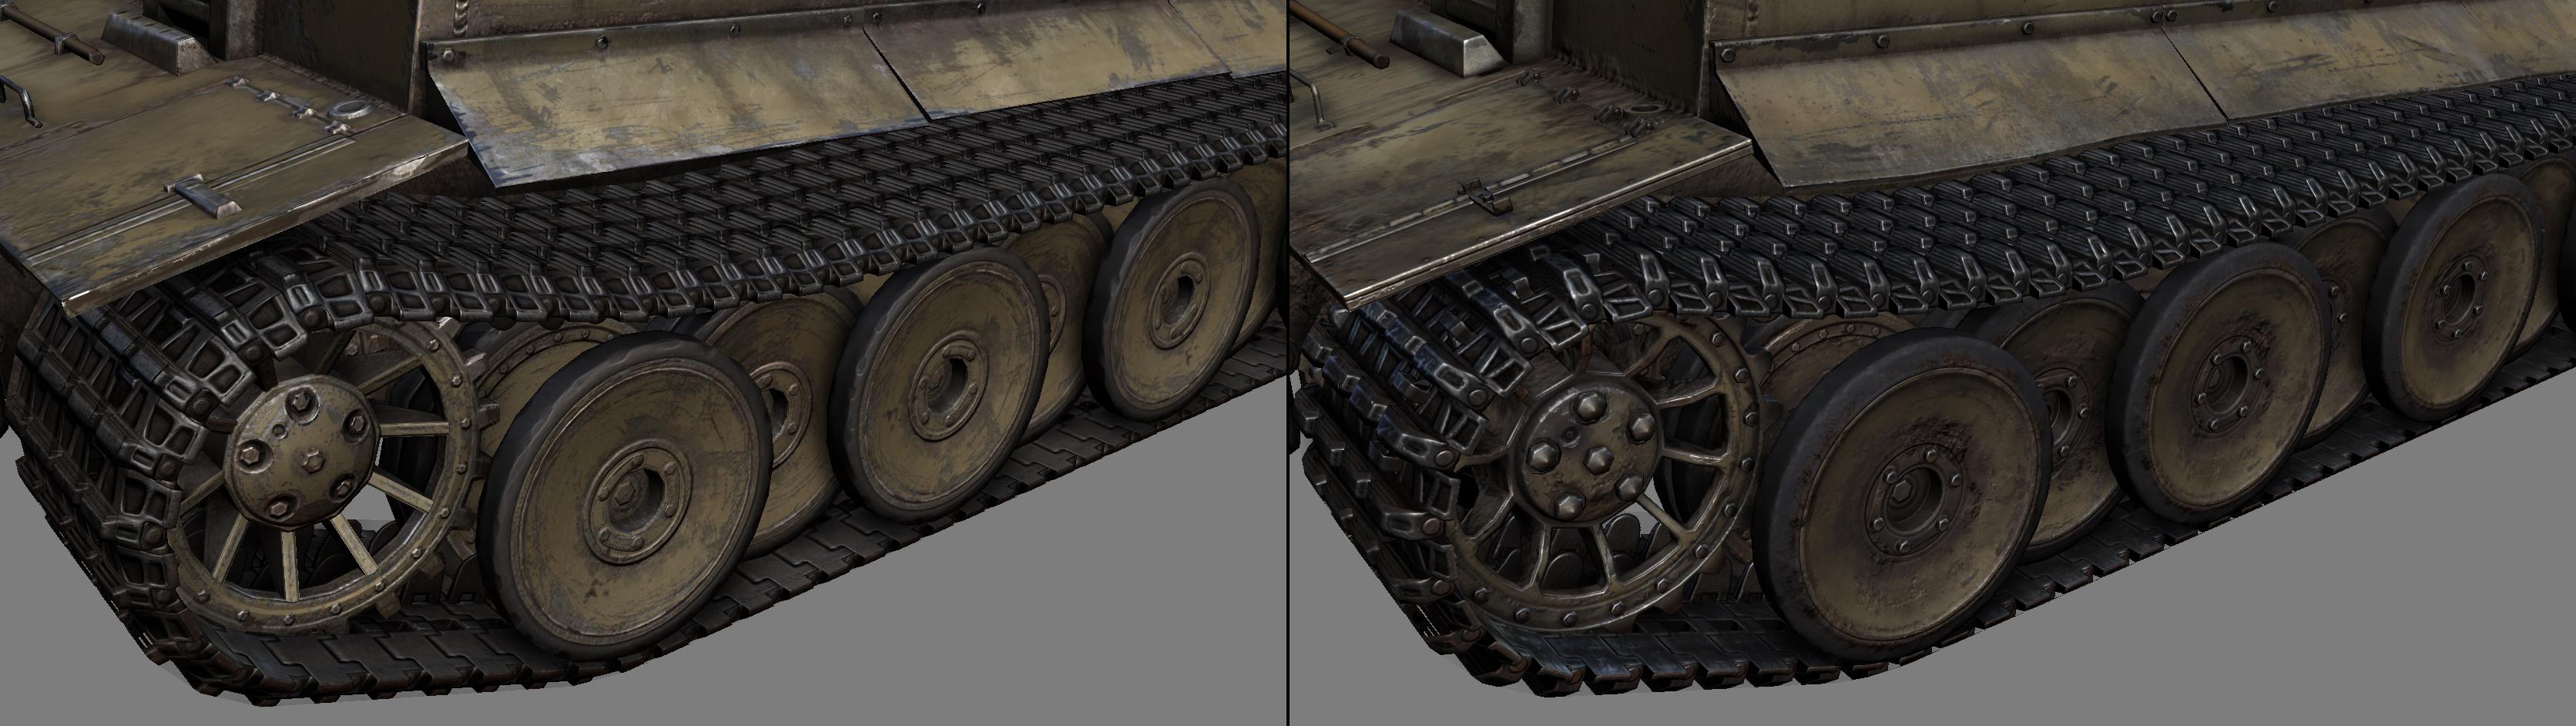 Development Panzerkampfwagen Vi 171 Tiger I 187 Model Update